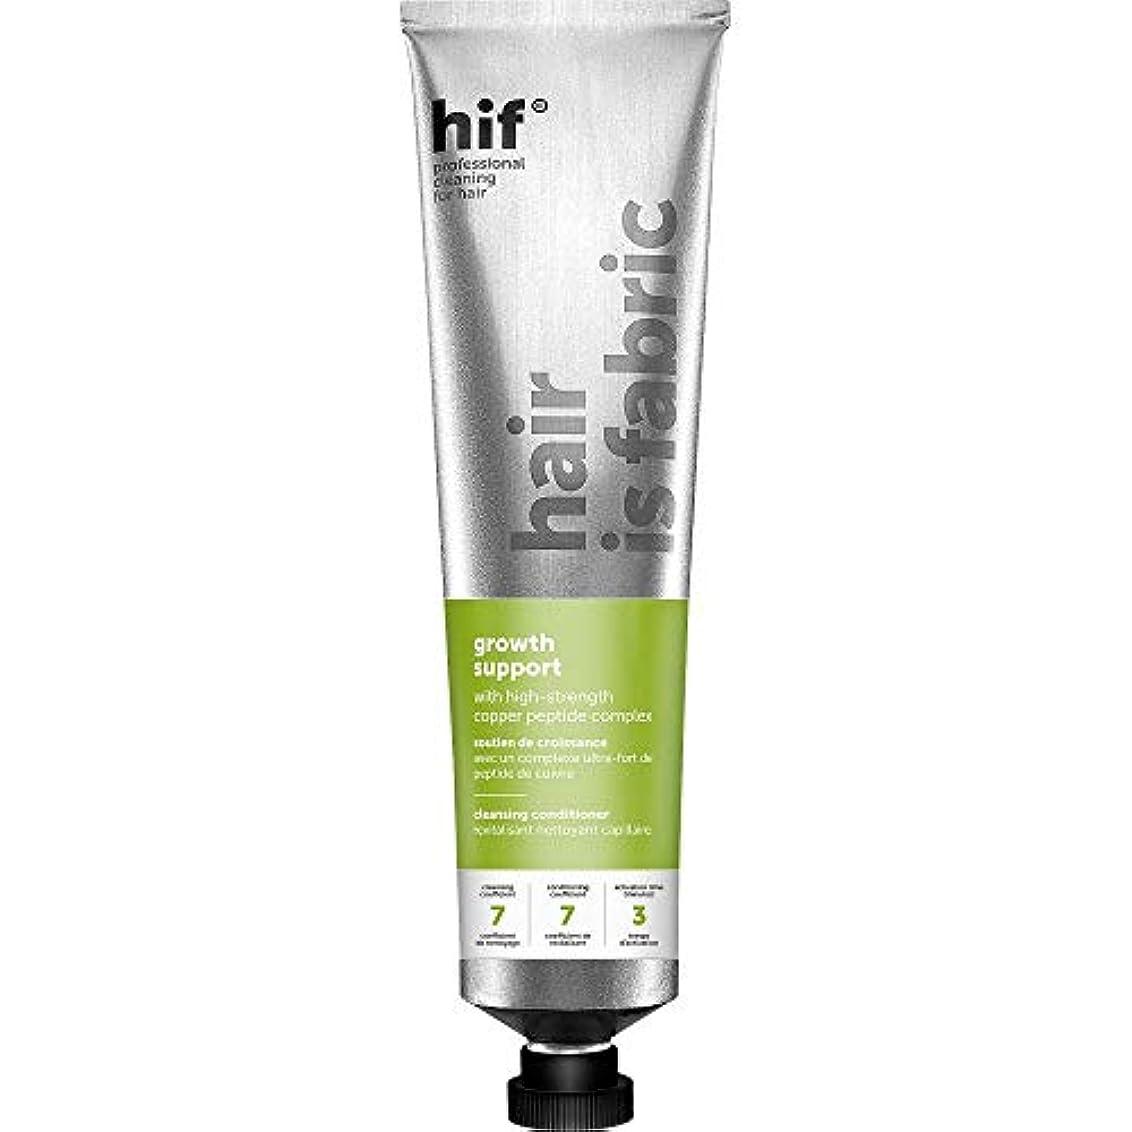 非武装化写真のサスペンド[HIF] Hif成長支援クレンジングコンディショナー180ミリリットル - HIF Growth Support Cleansing Conditioner 180ml [並行輸入品]